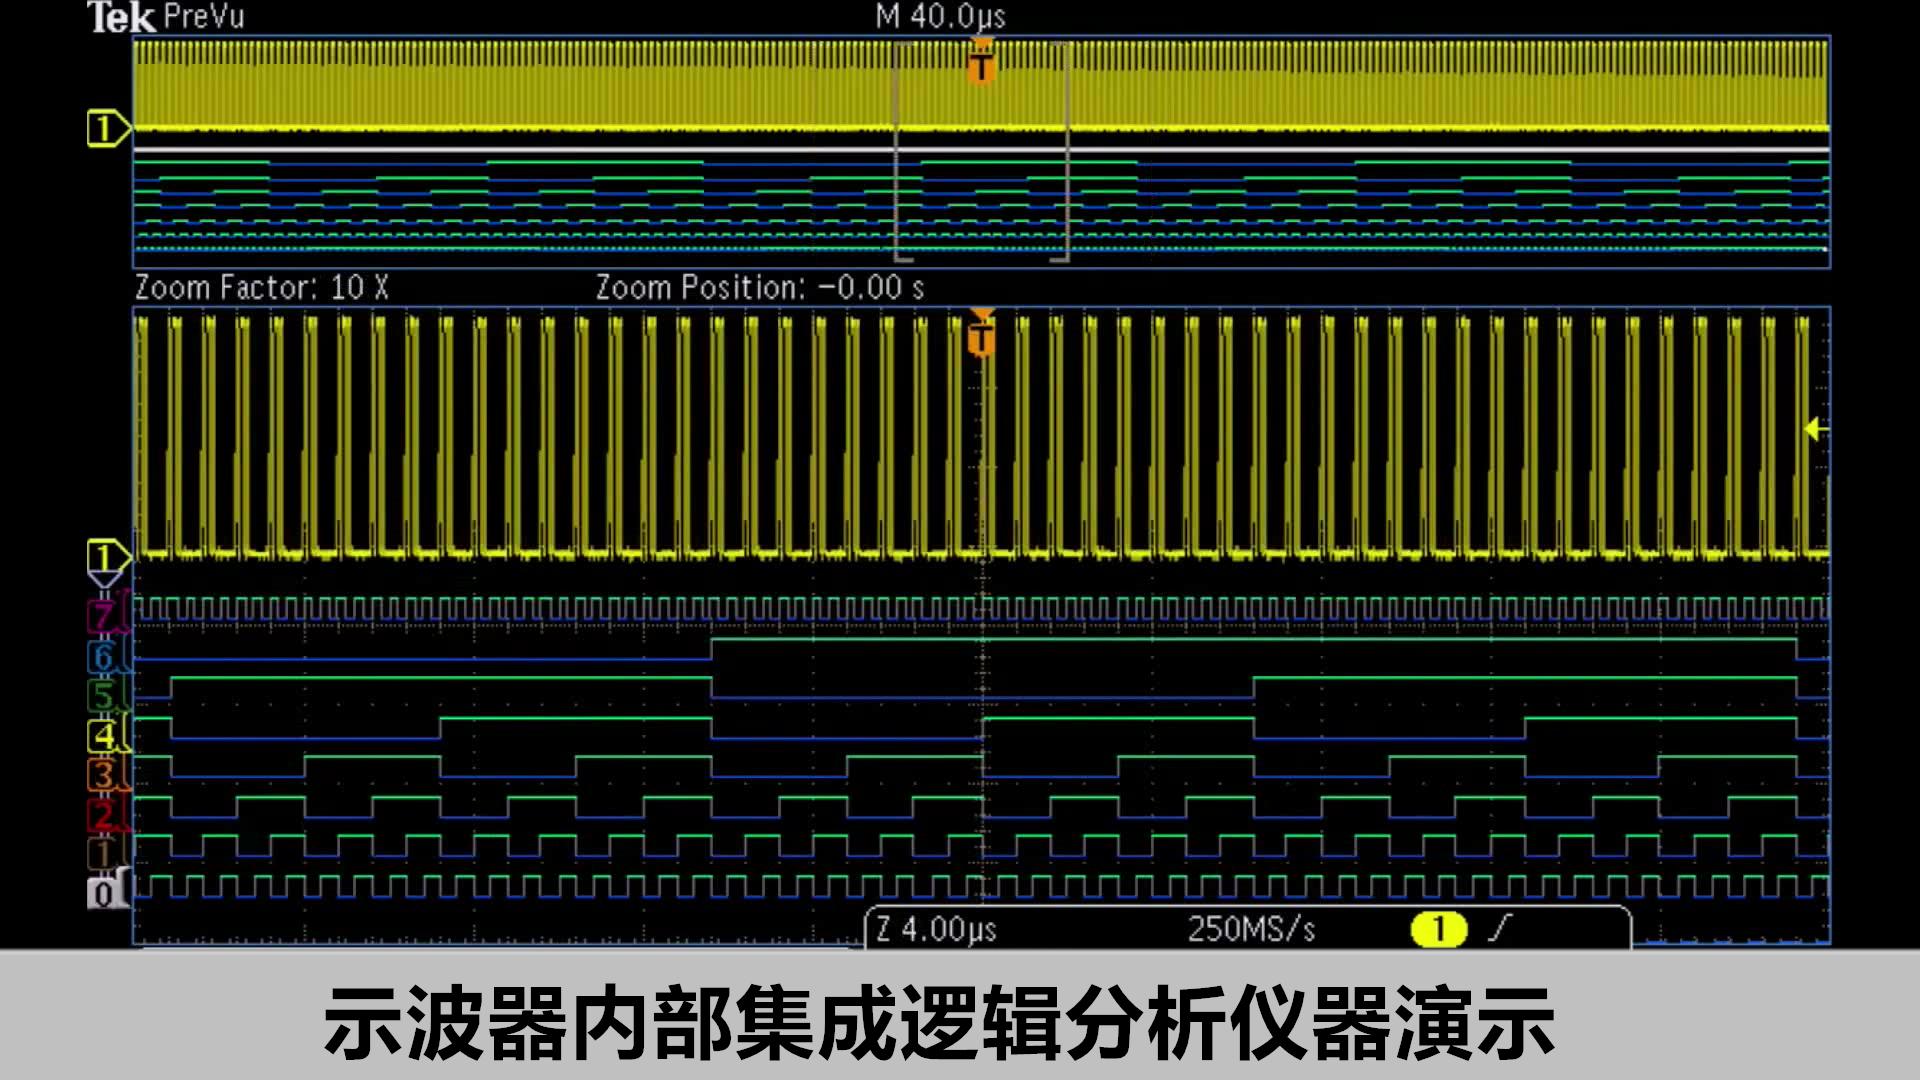 【示波器进阶教程实践篇】MDO3000混合域示波器内部集成逻辑分析仪器演示